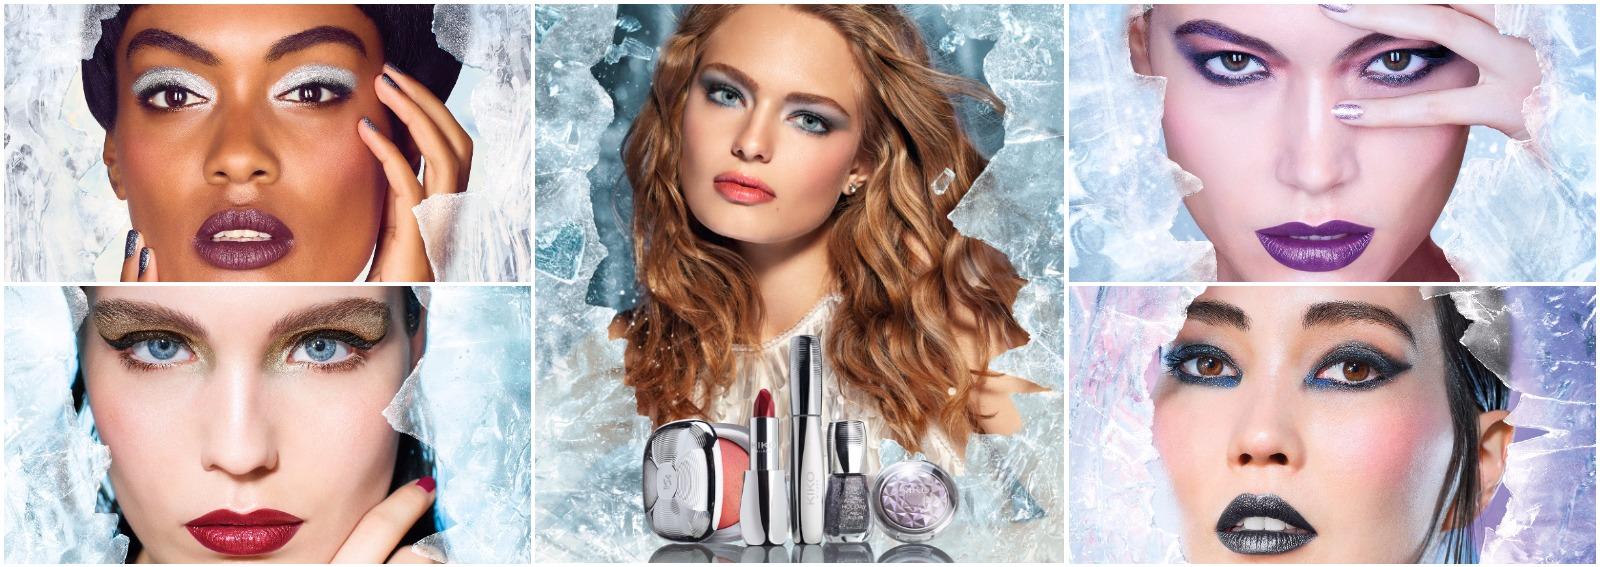 make-up-capodanno-5-idee-glam-da-copiare-kiko-arctic-holiday--cover-desktop